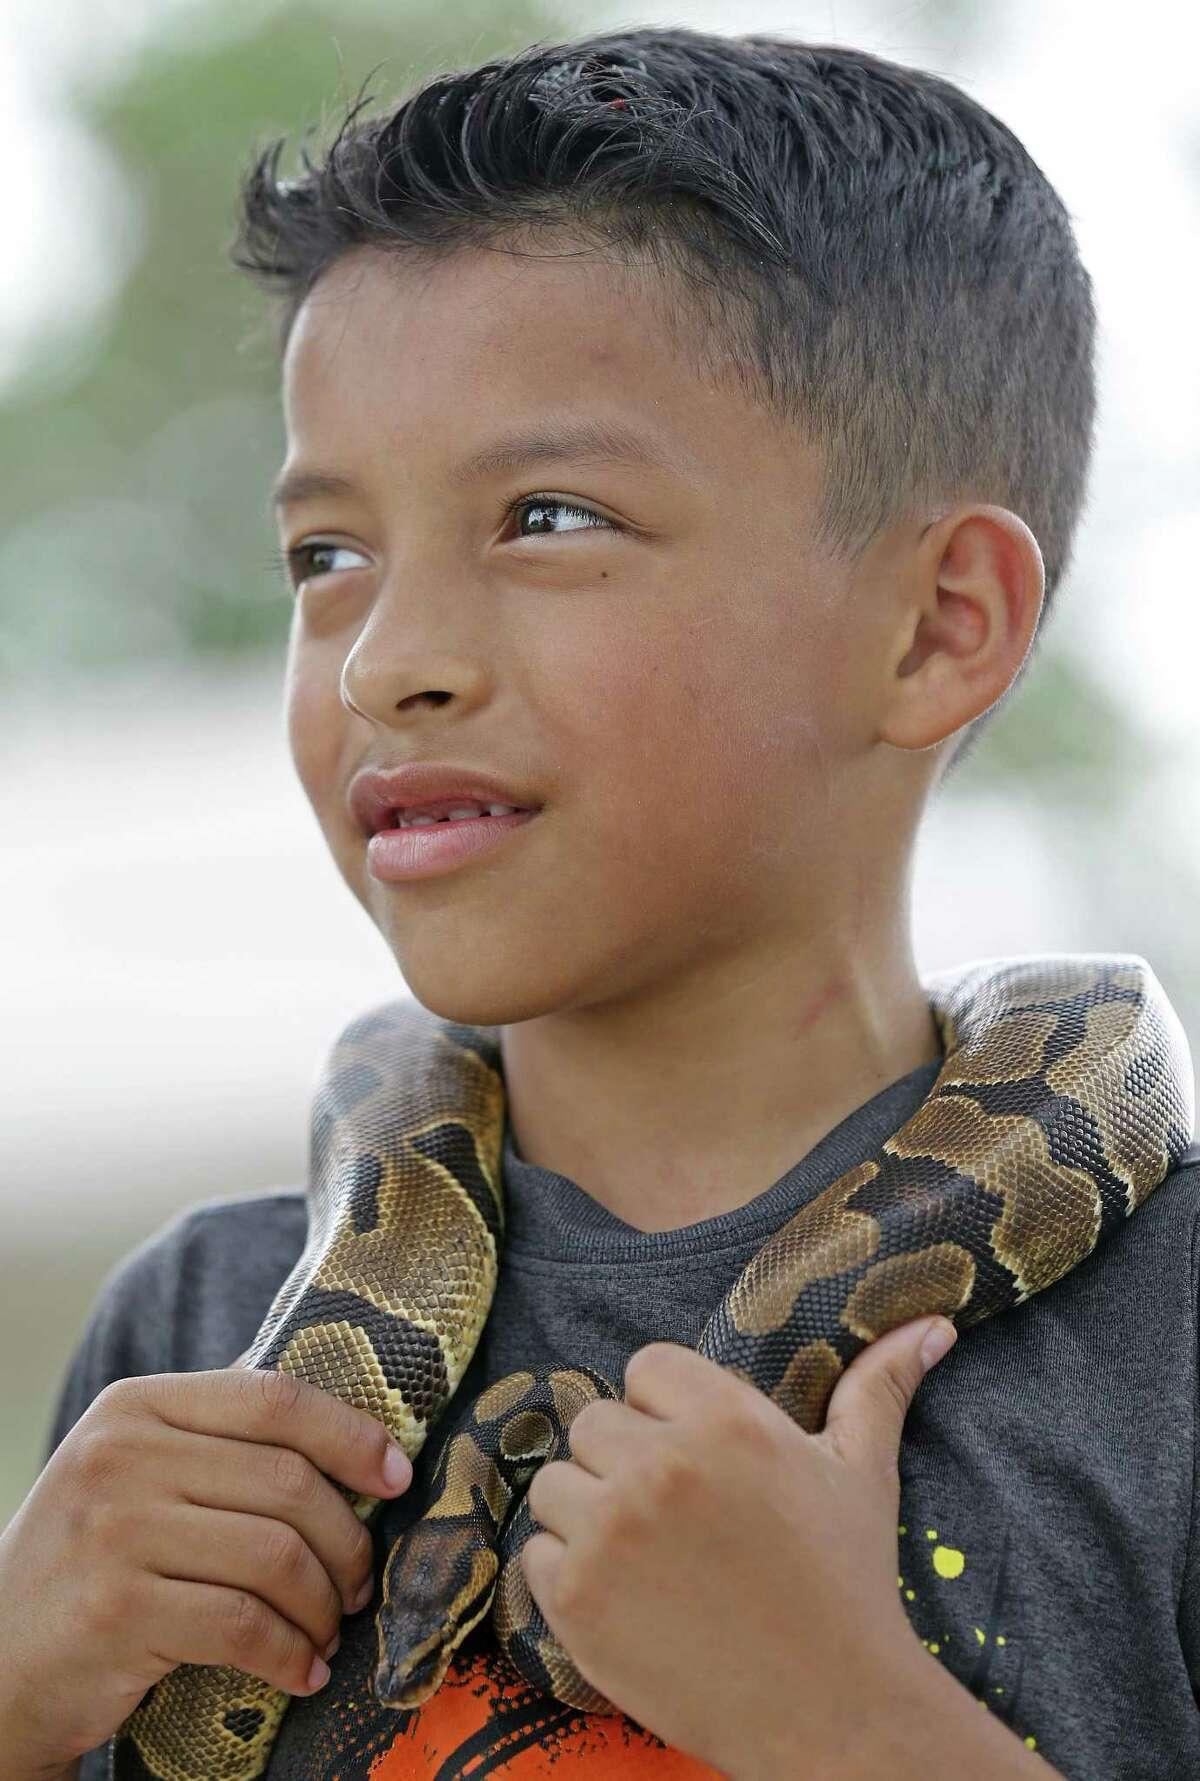 Ethan Estrada, 9, holds his pet python